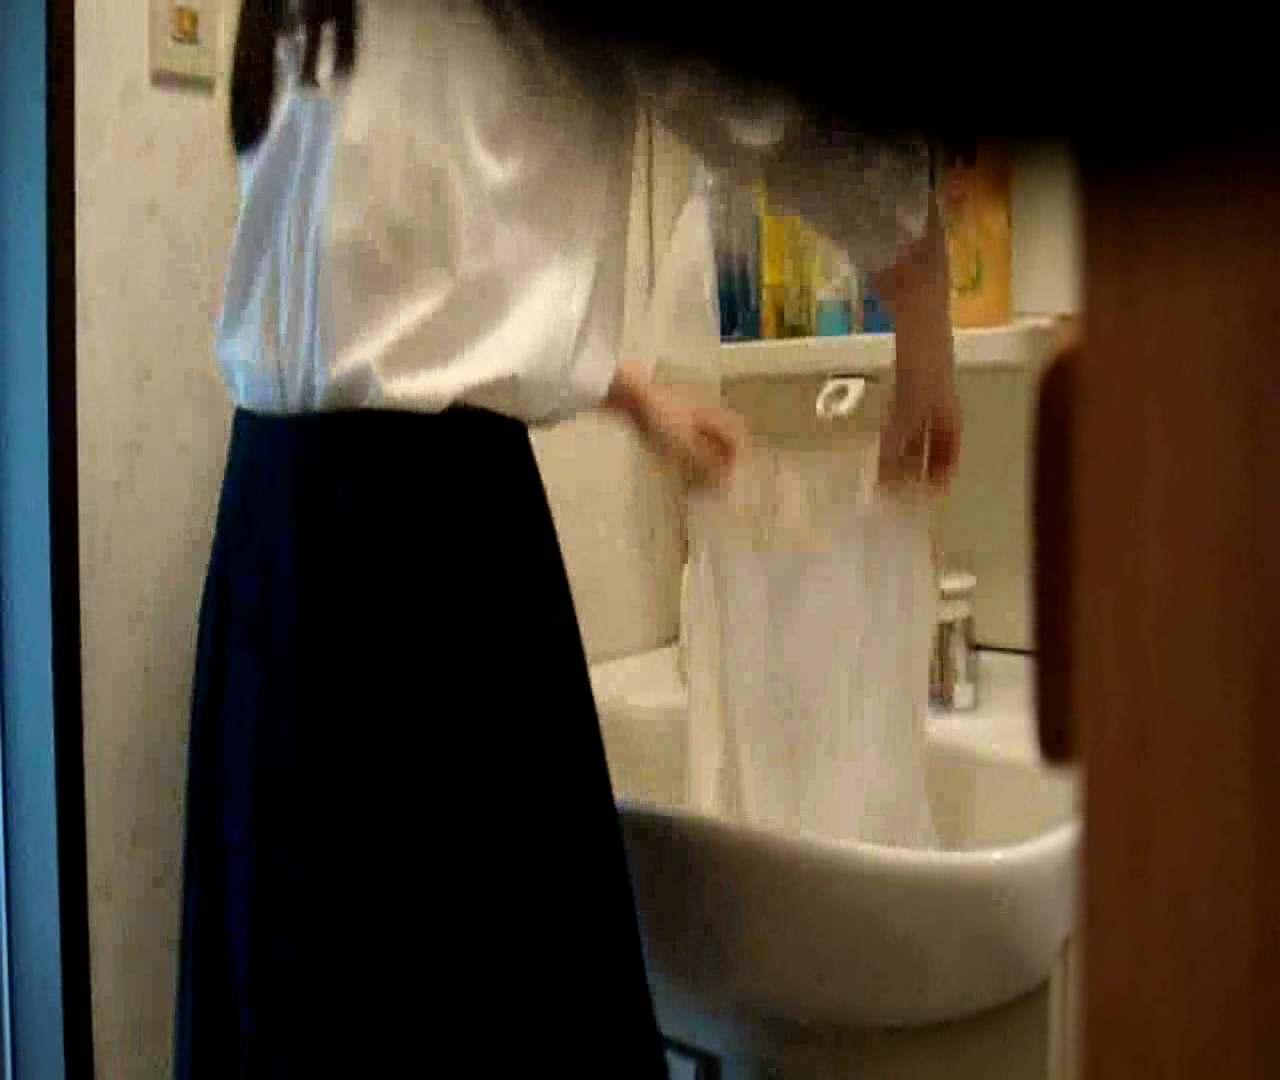 二人とも育てた甲斐がありました… vol.05 まどかが洗顔後にブラを洗濯 HなOL | 0  98pic 76